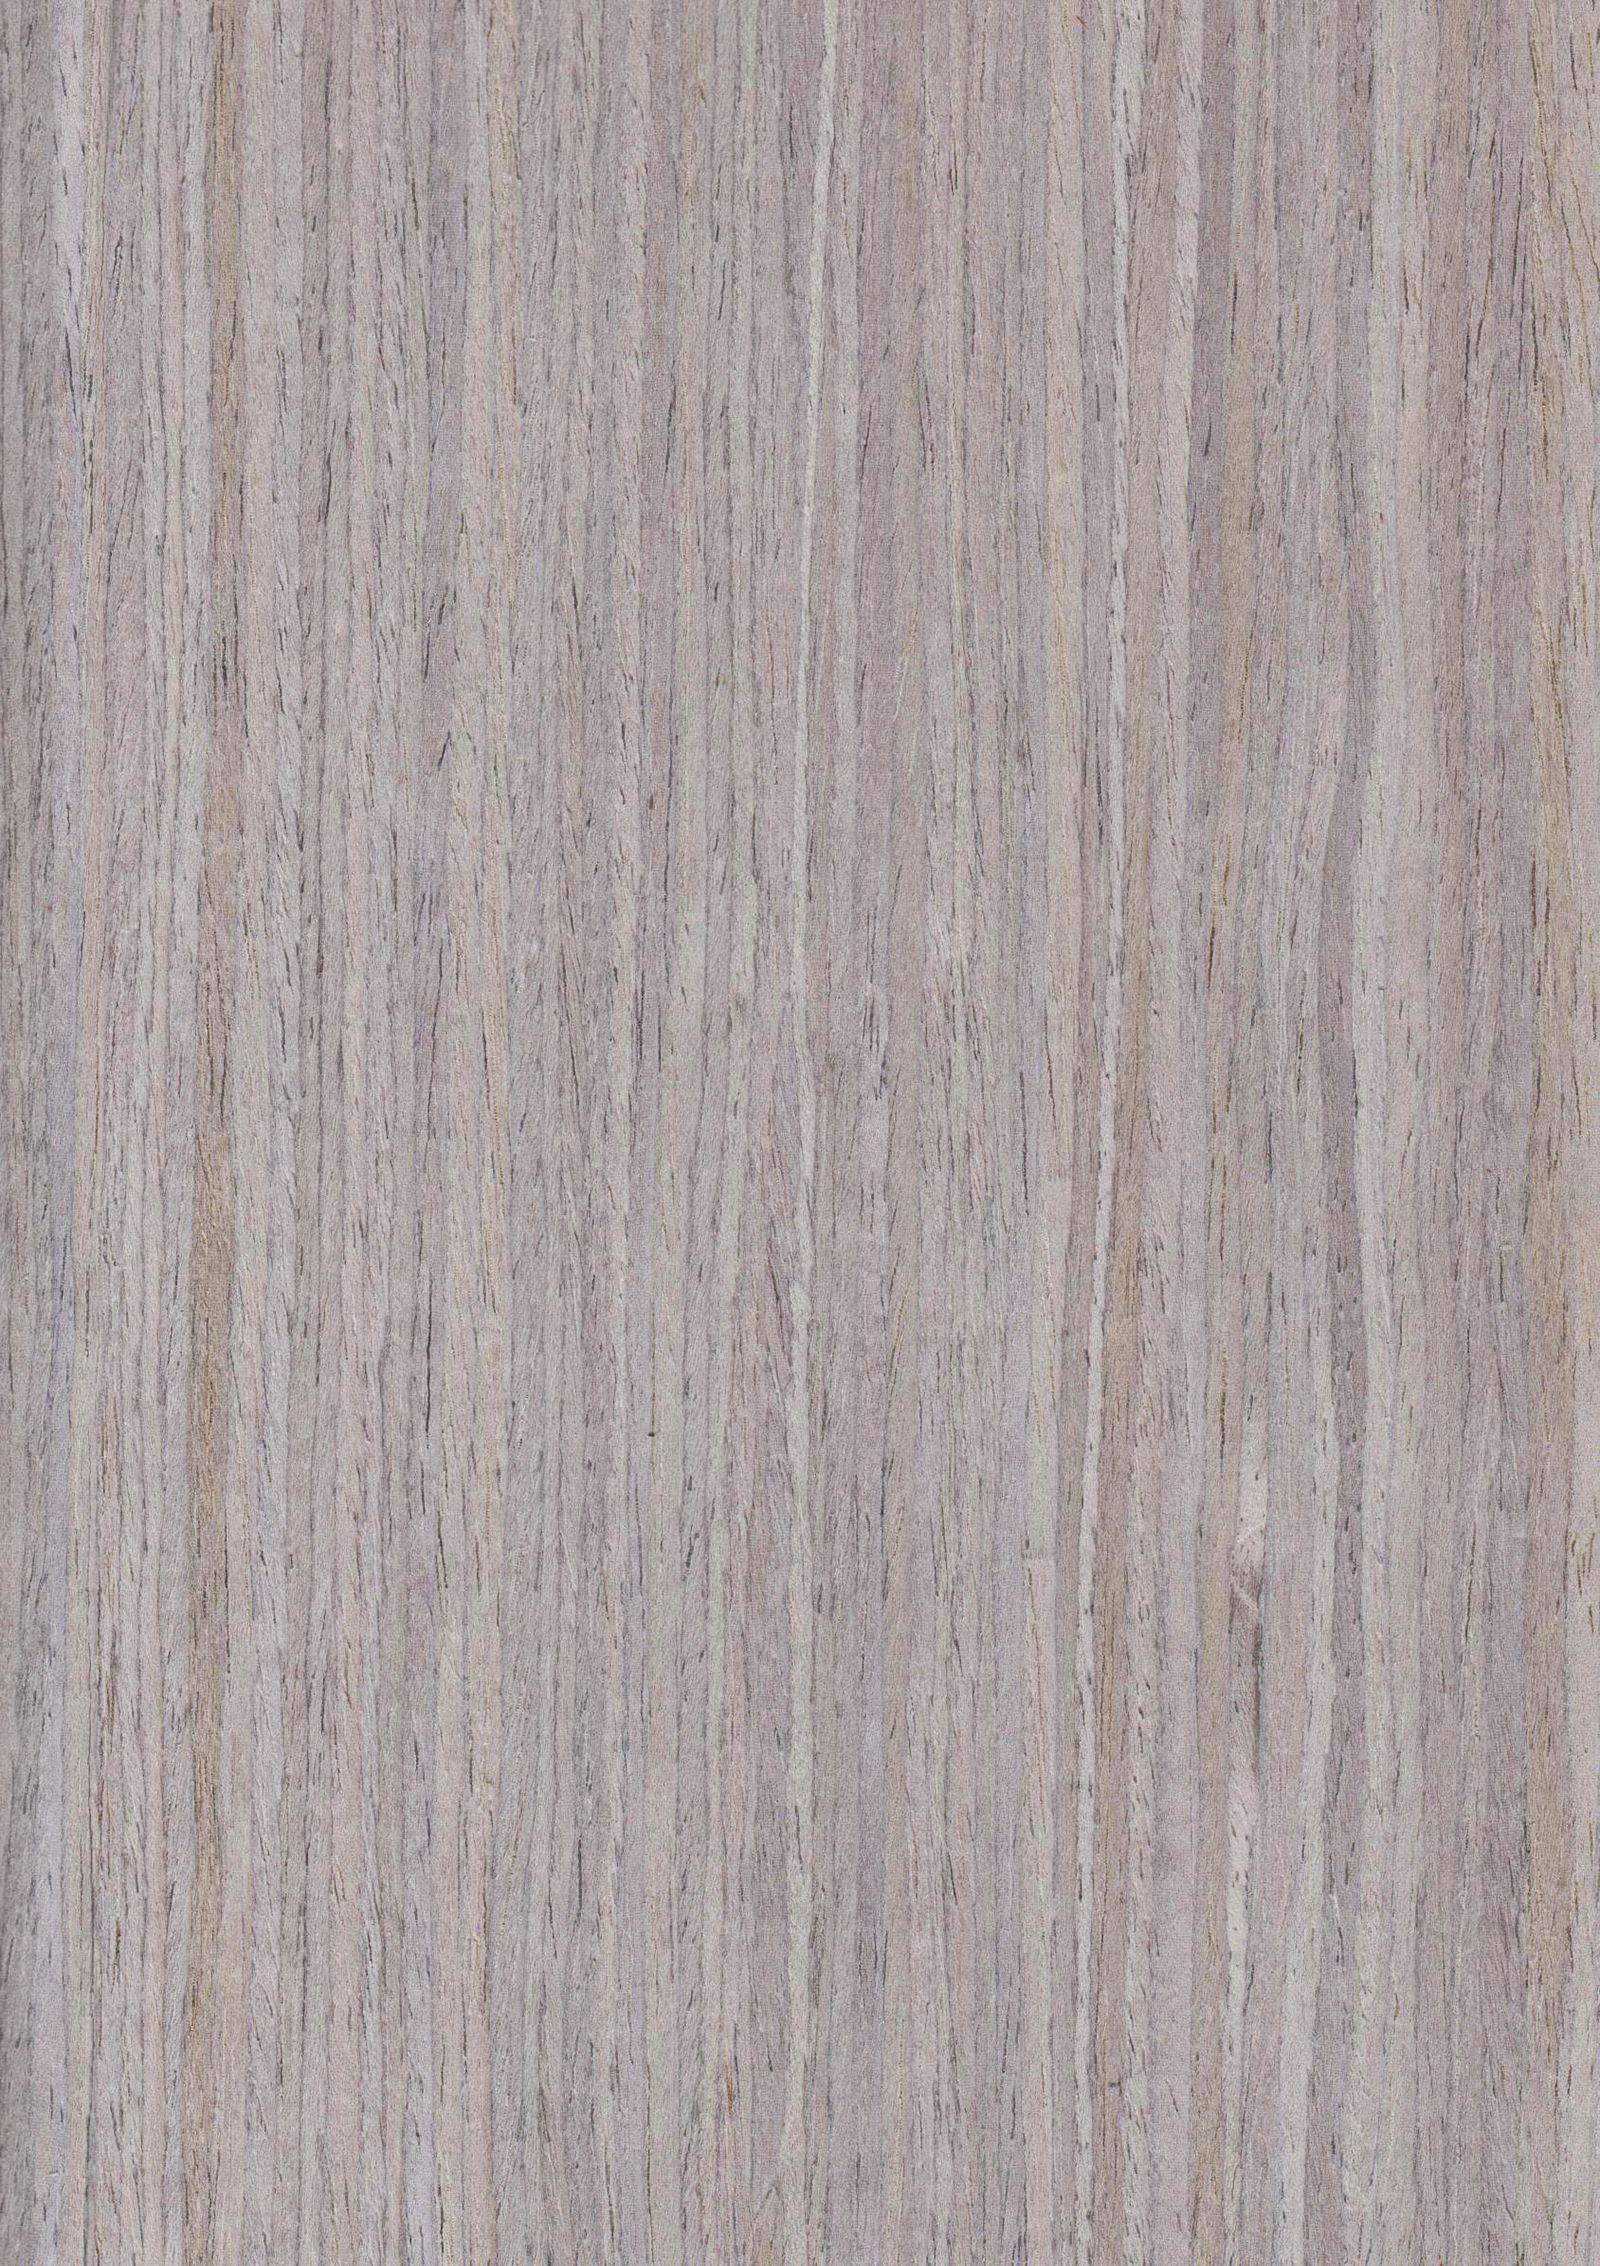 647 Peach Wood Wood Veneers In 2019 Wood Veneer Wood